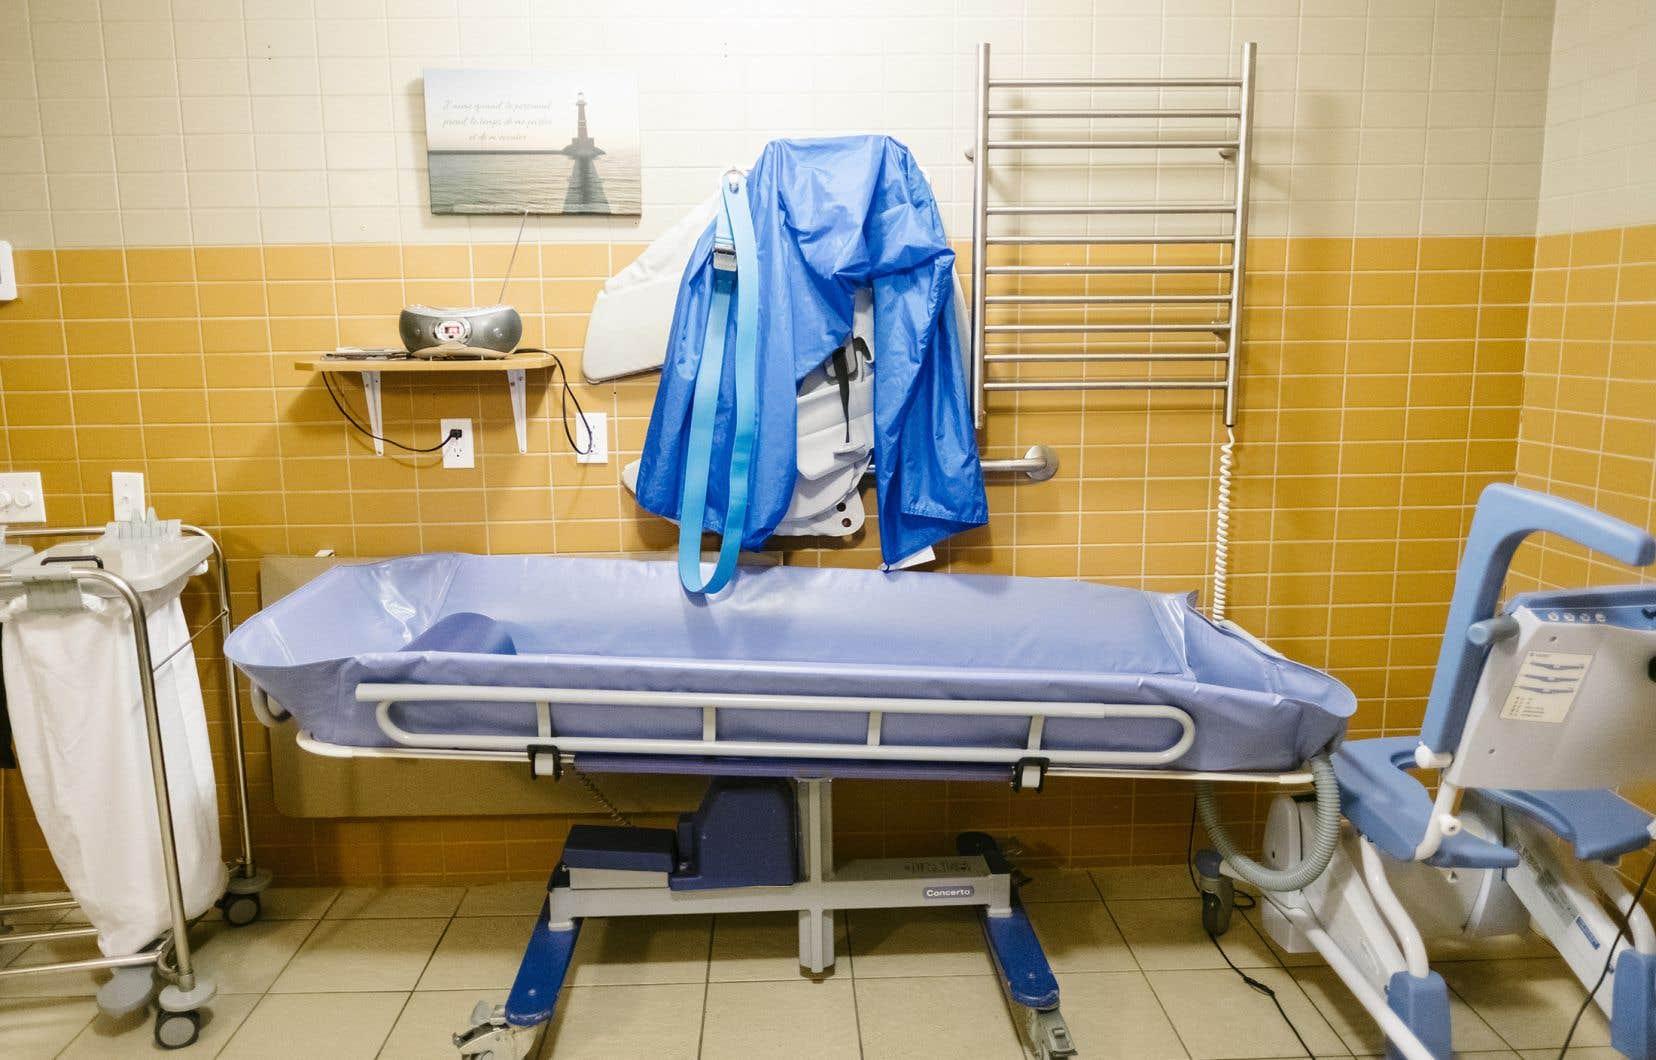 «Le CHSLD, c'est un service essentiel, un peu comme les services d'urgence ou les services du bloc opératoire», a expliqué le président-directeur général du CUSSS de la Mauricie-et-du-Centre-duQuébec, Carol Fillion.